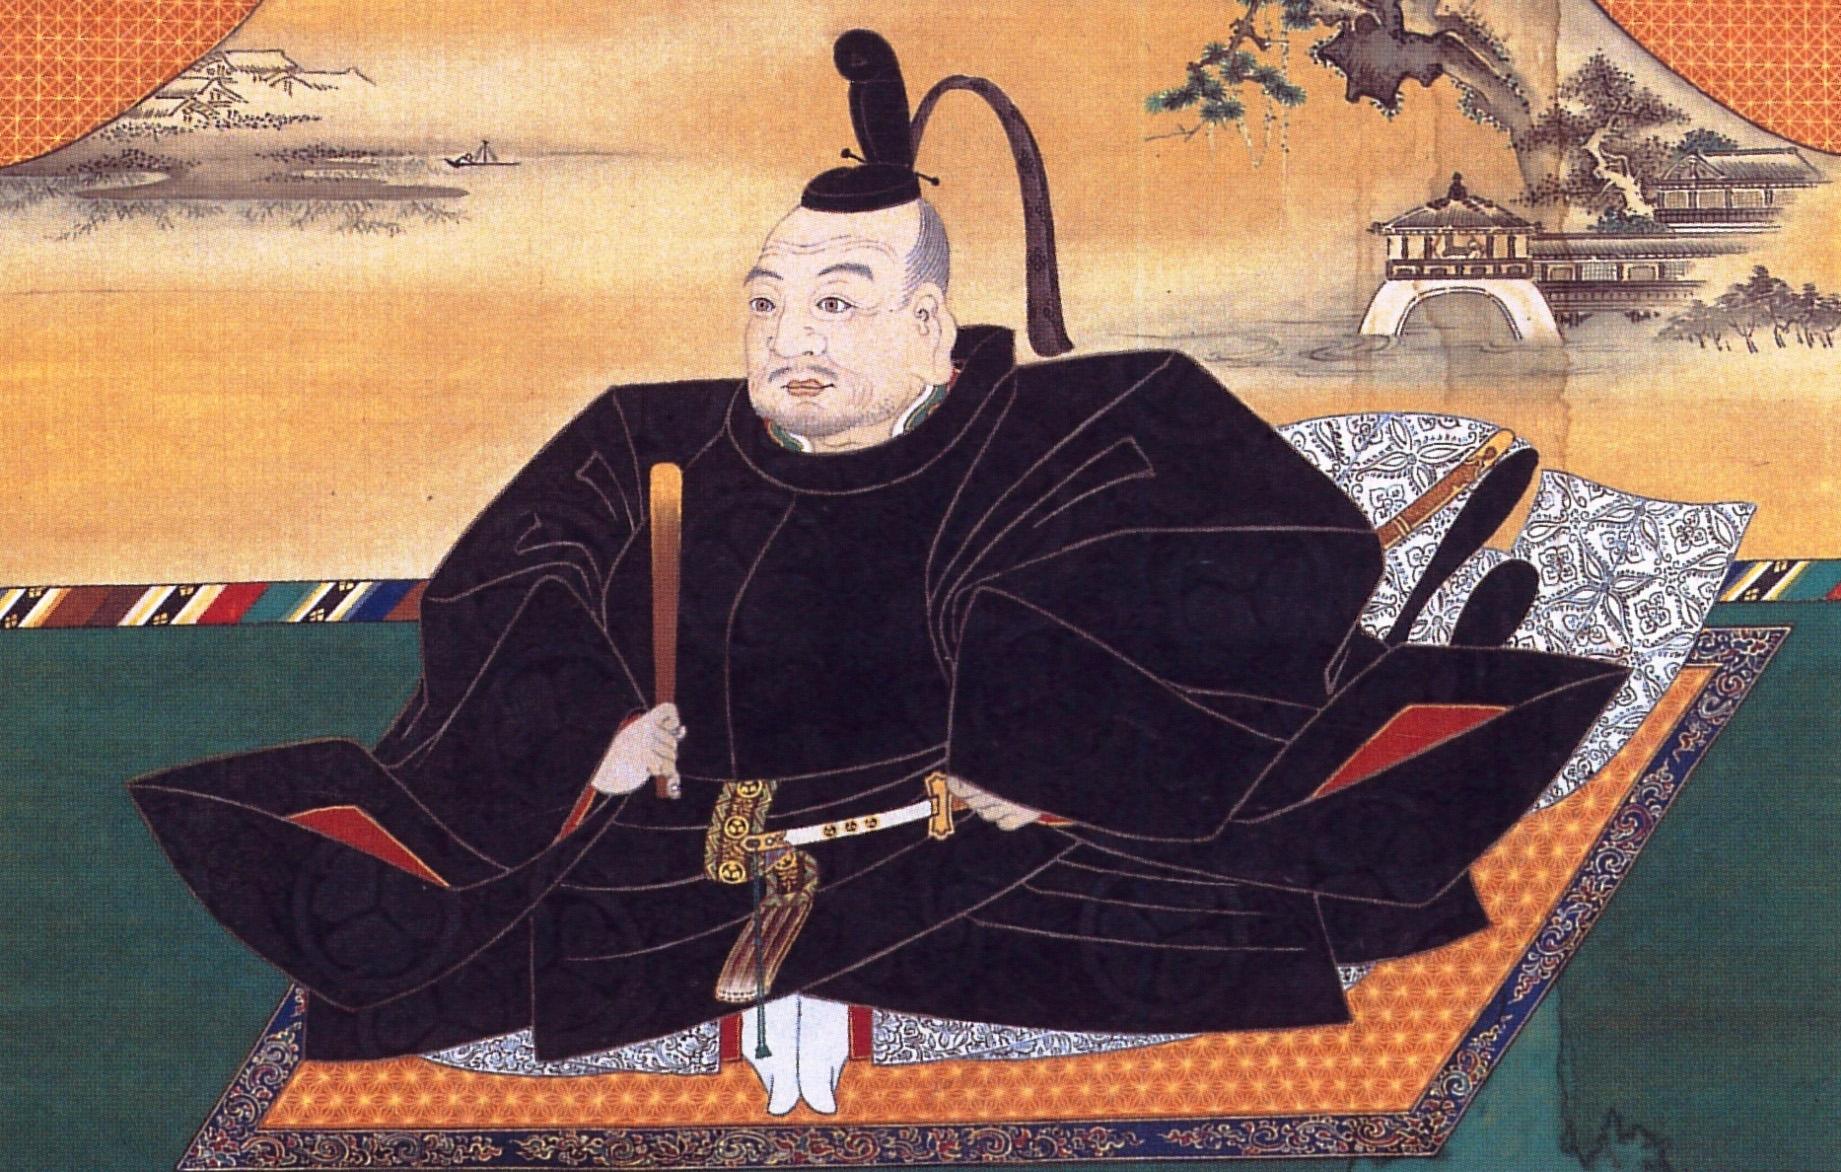 Hablar de Tokugawa Ieyasu es hablar sobre una figura esencial en la  historia japonesa. Guerrero, general, diplomático y político, Ieyasu fue el  tercero y